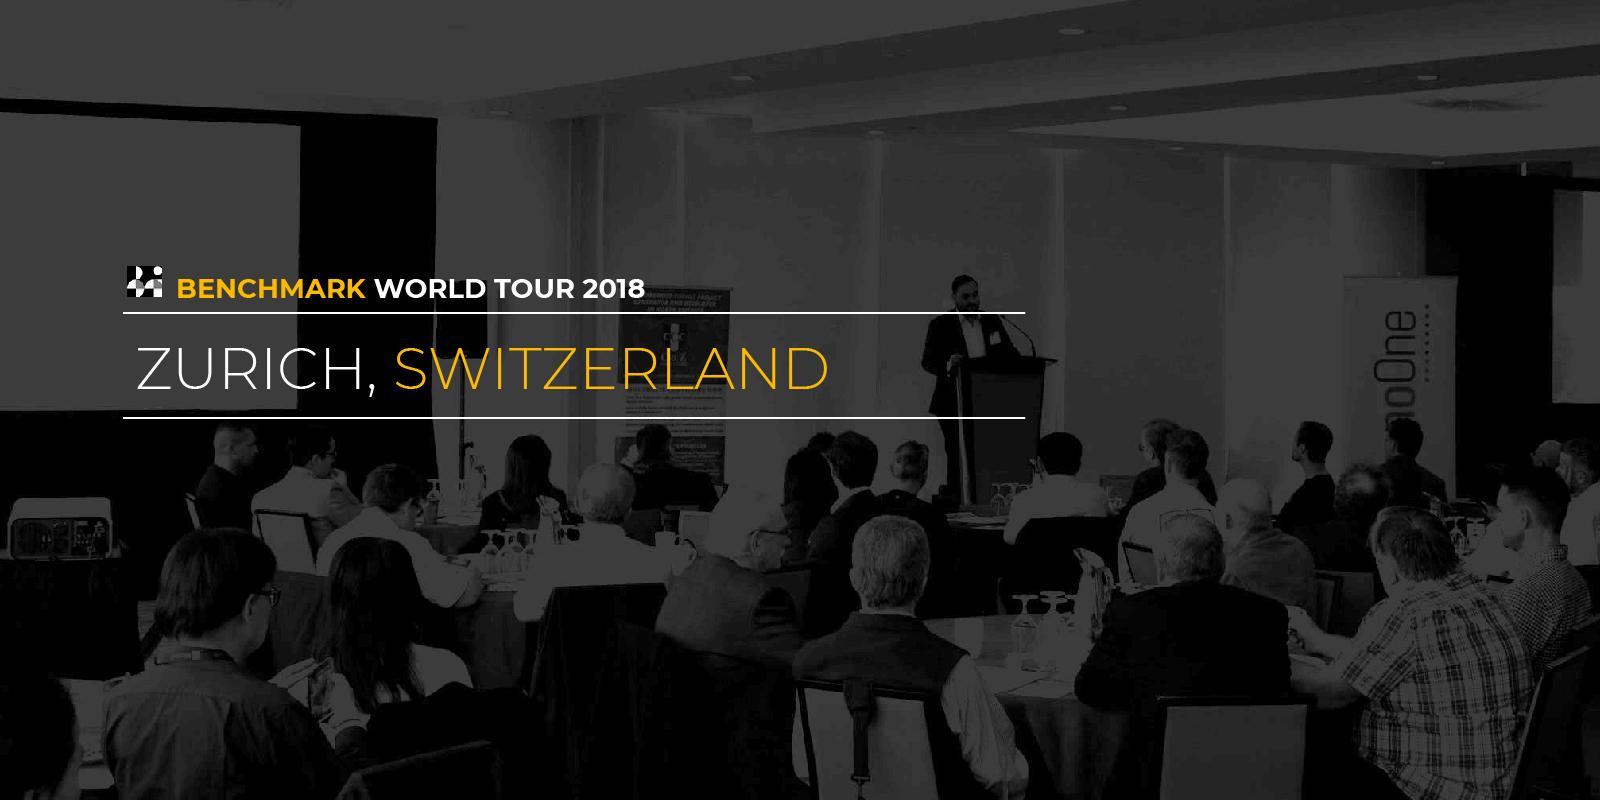 Benchmark World Tour 2018 - Zürich